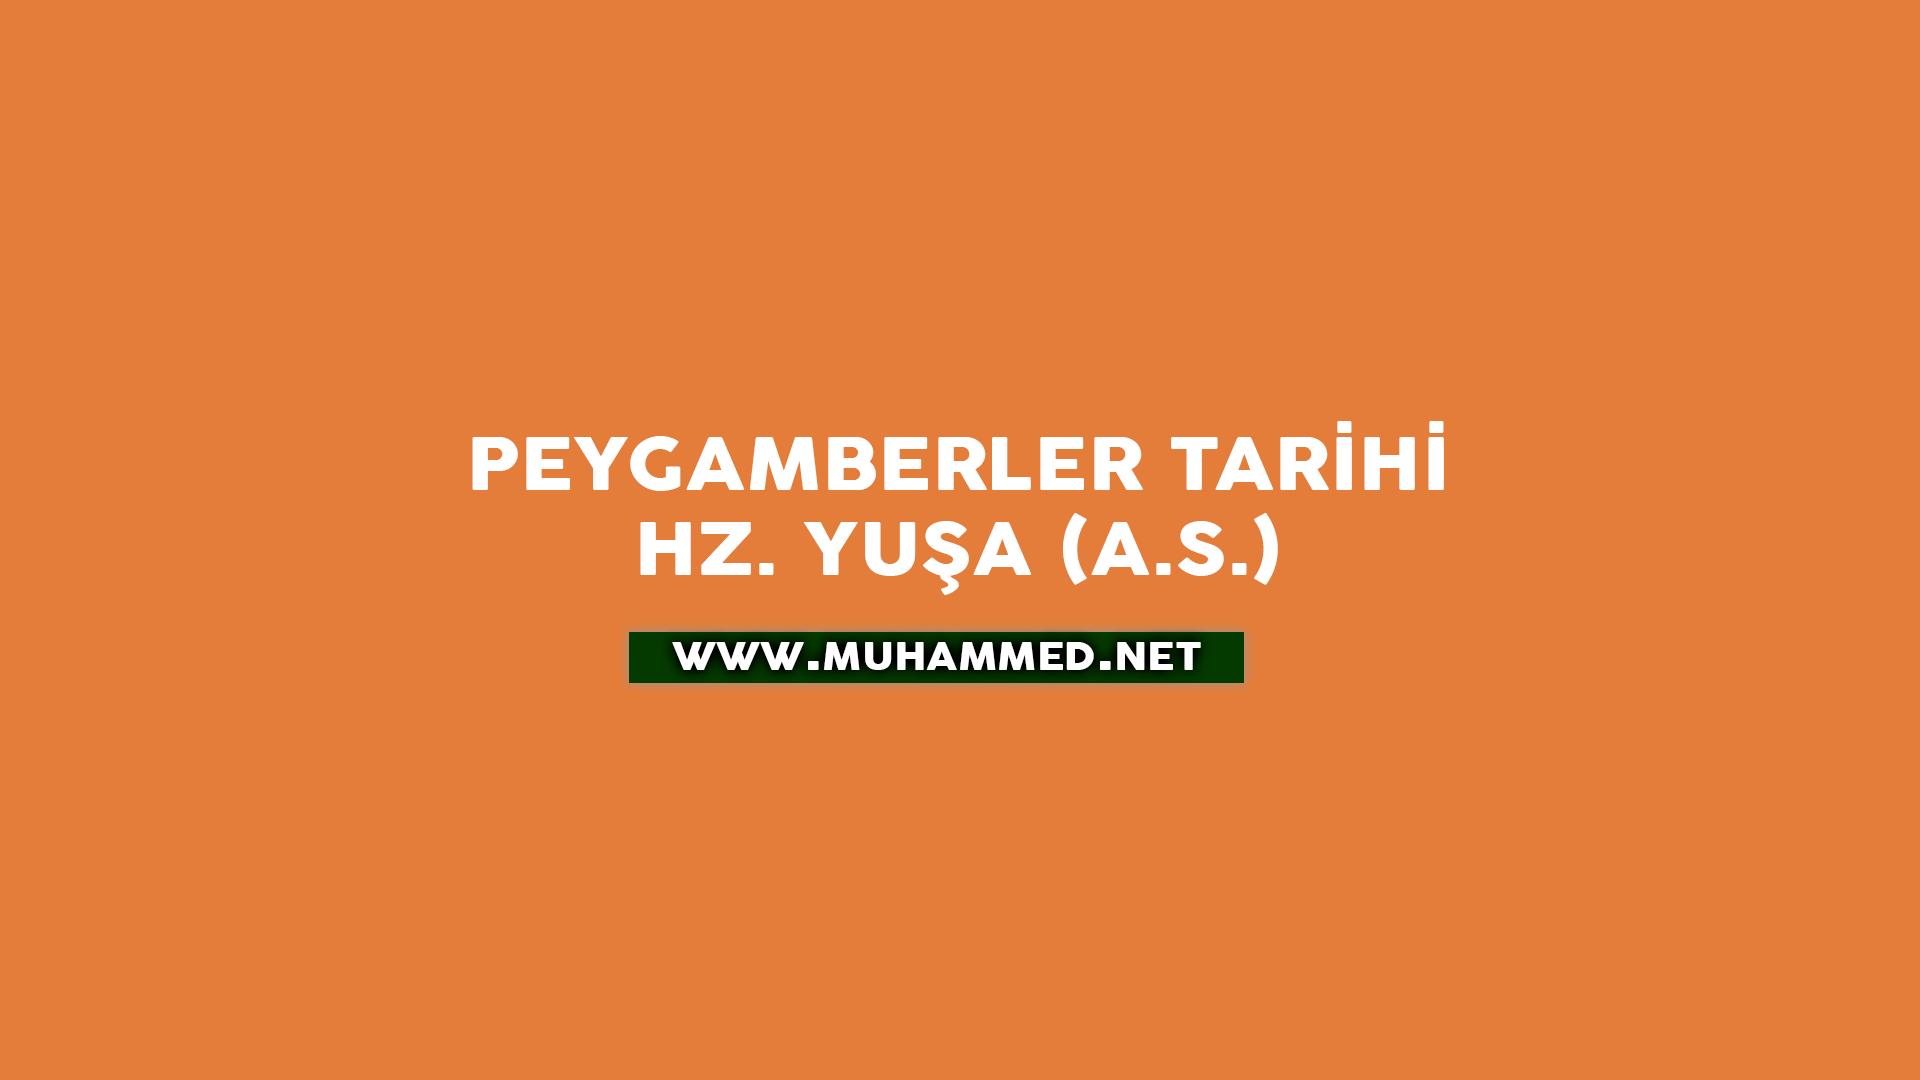 Hz. Yuşa (a.s.)